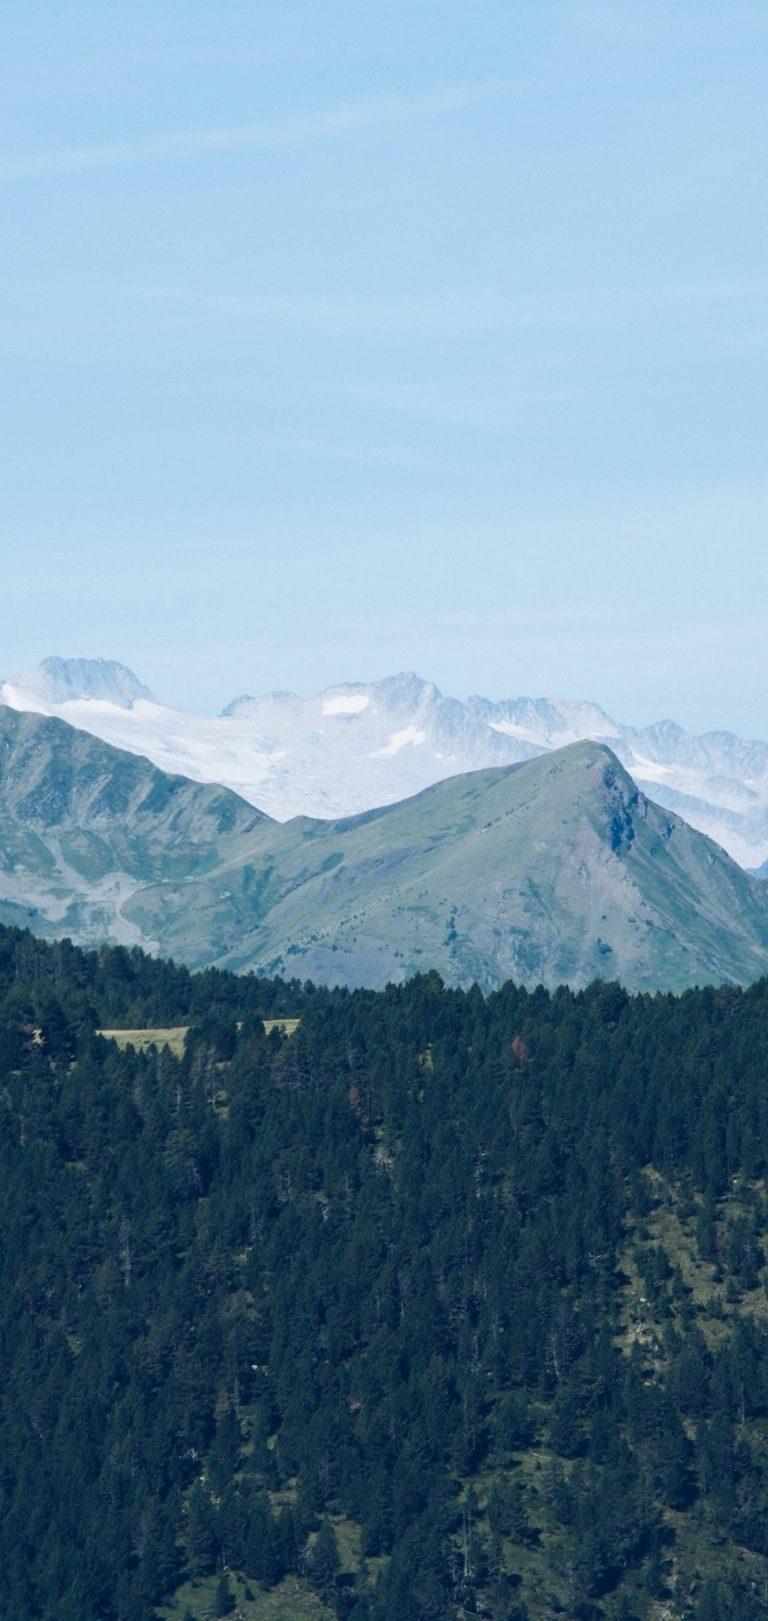 Mountain Range Mountains Trees Wallpaper 1440x3040 768x1621